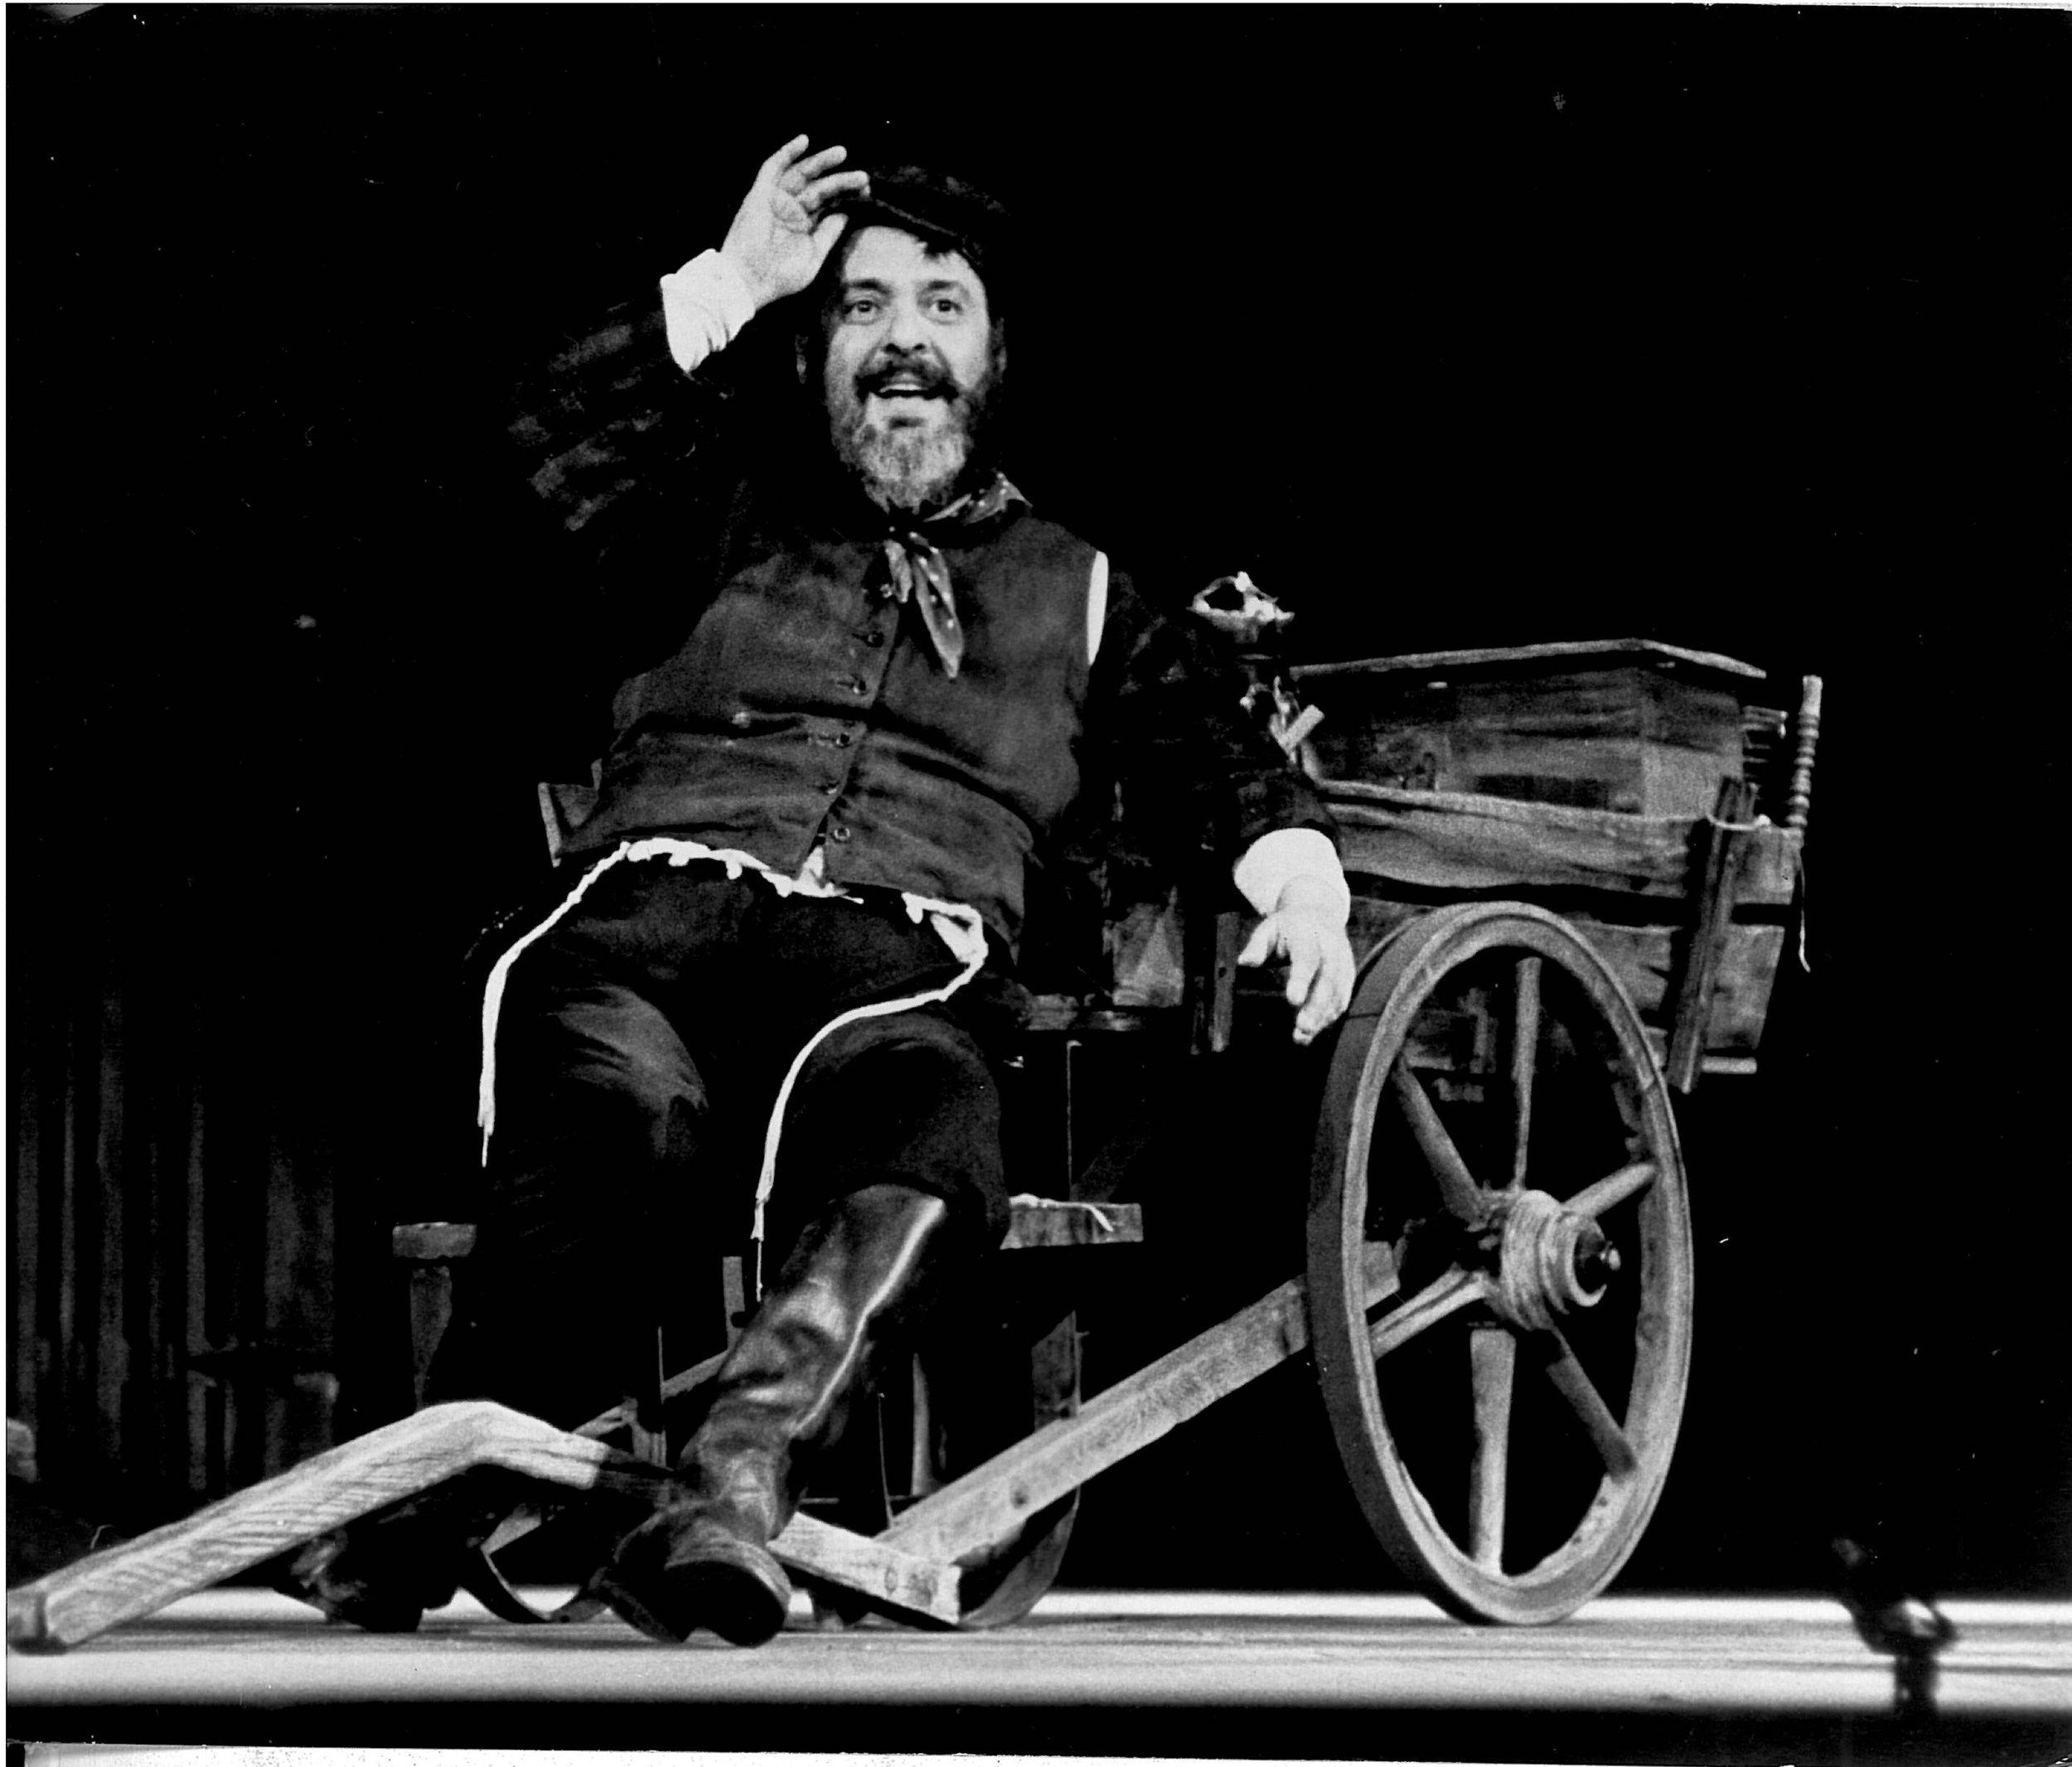 Mostel as Tevye copy.jpg